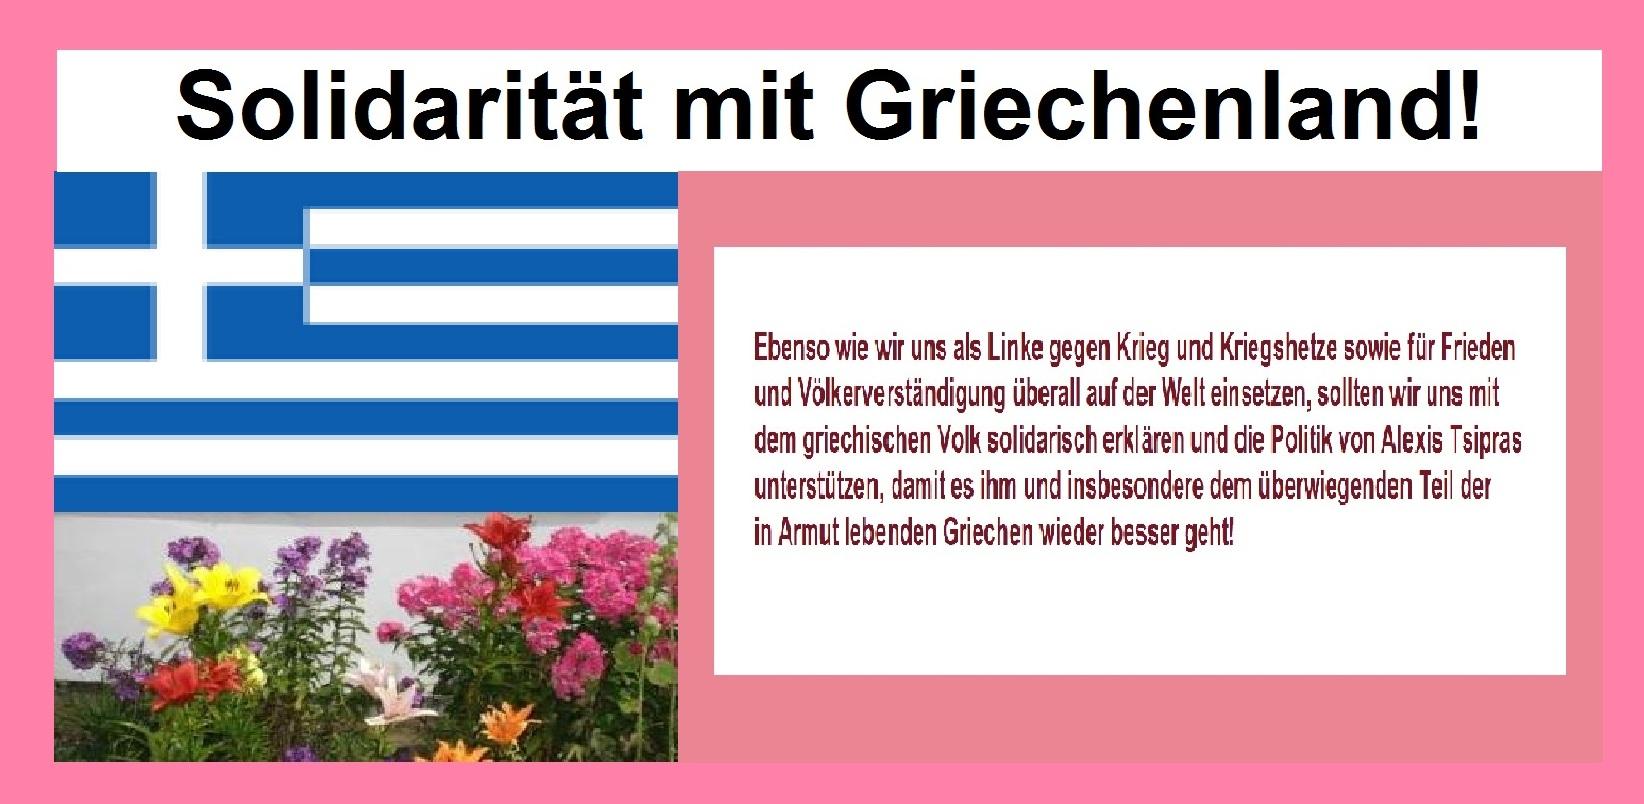 Solidarit�t mit dem griechischen Volk!  Griechenlands Linkspartei Syriza und Alexis Tsipras unterst�tzen! Griechische Regierung unter Ministerpr�sident Alexis Tsipras wurde gnadenlos erpresst. Fraktion DIE LINKE im Deutschen Bundestag pl�diert f�r ein Nein bei der Abstimmung im Bundestag.